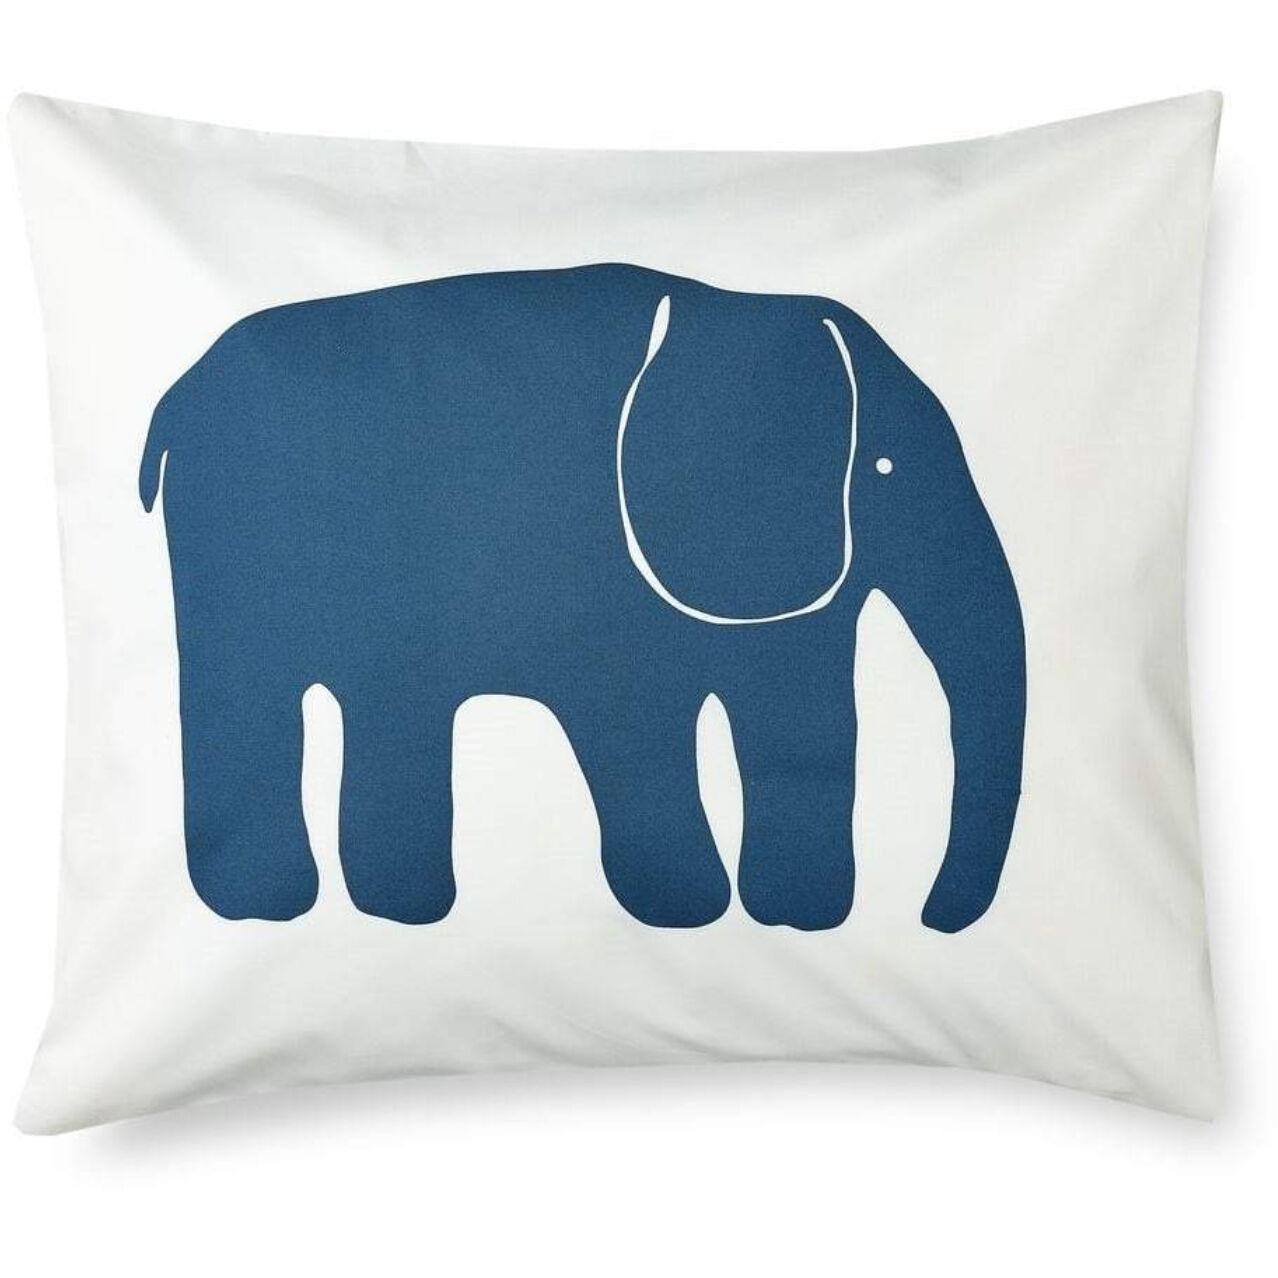 Finlayson Elefantti Pillowcase 50x60 cm, Petrol